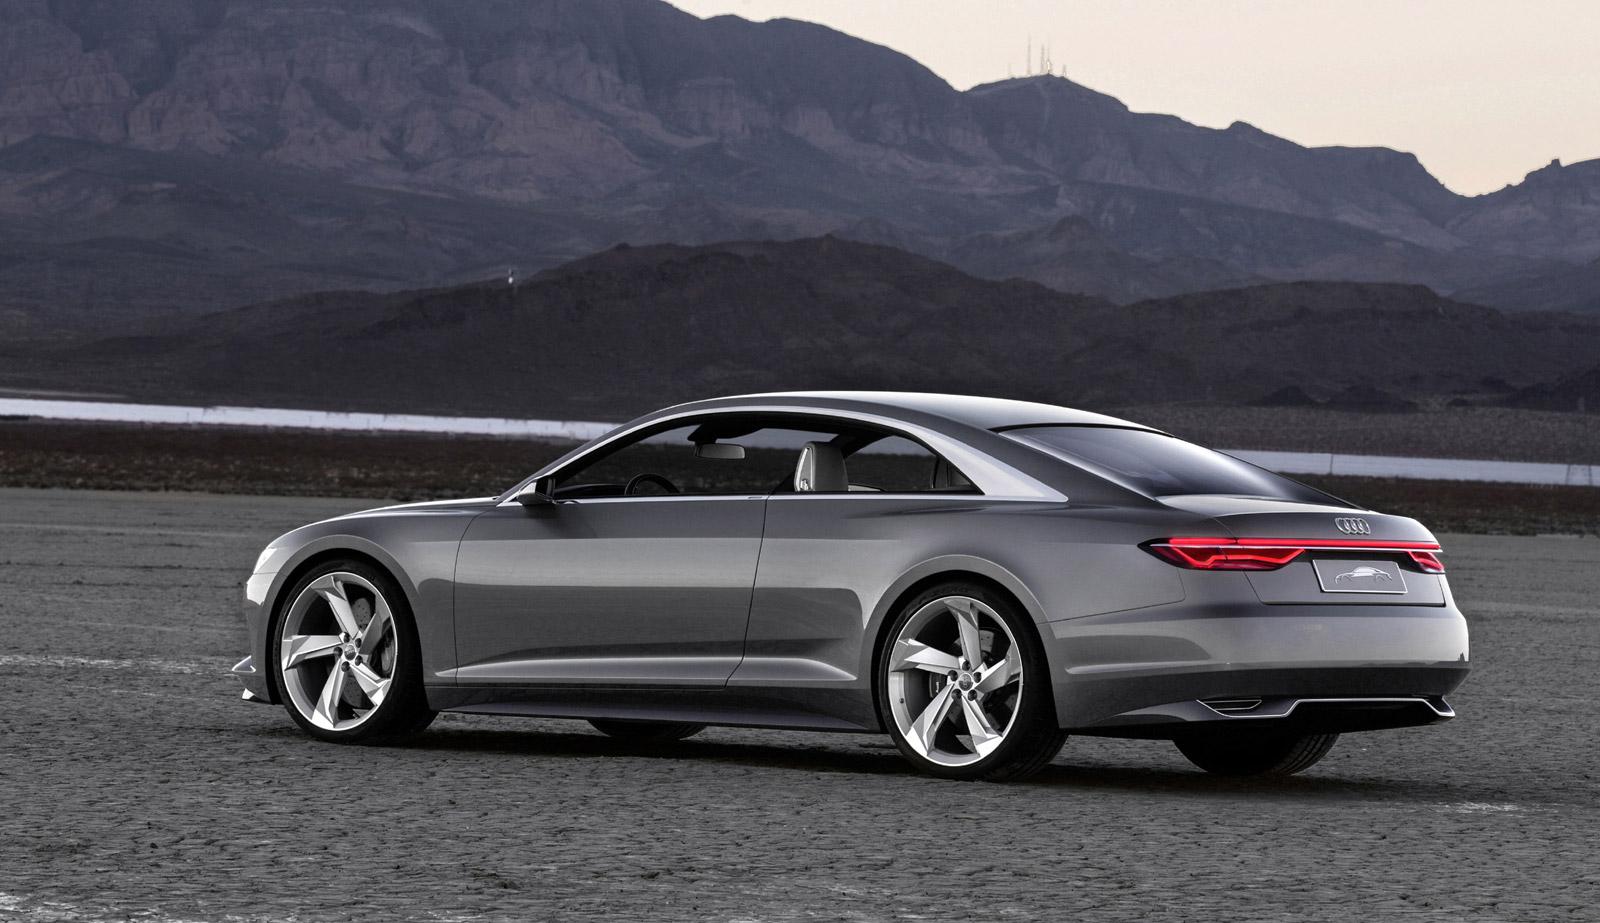 Aston Vantage GT3, Audi Prologue Autonomous Car, Next-Gen ...